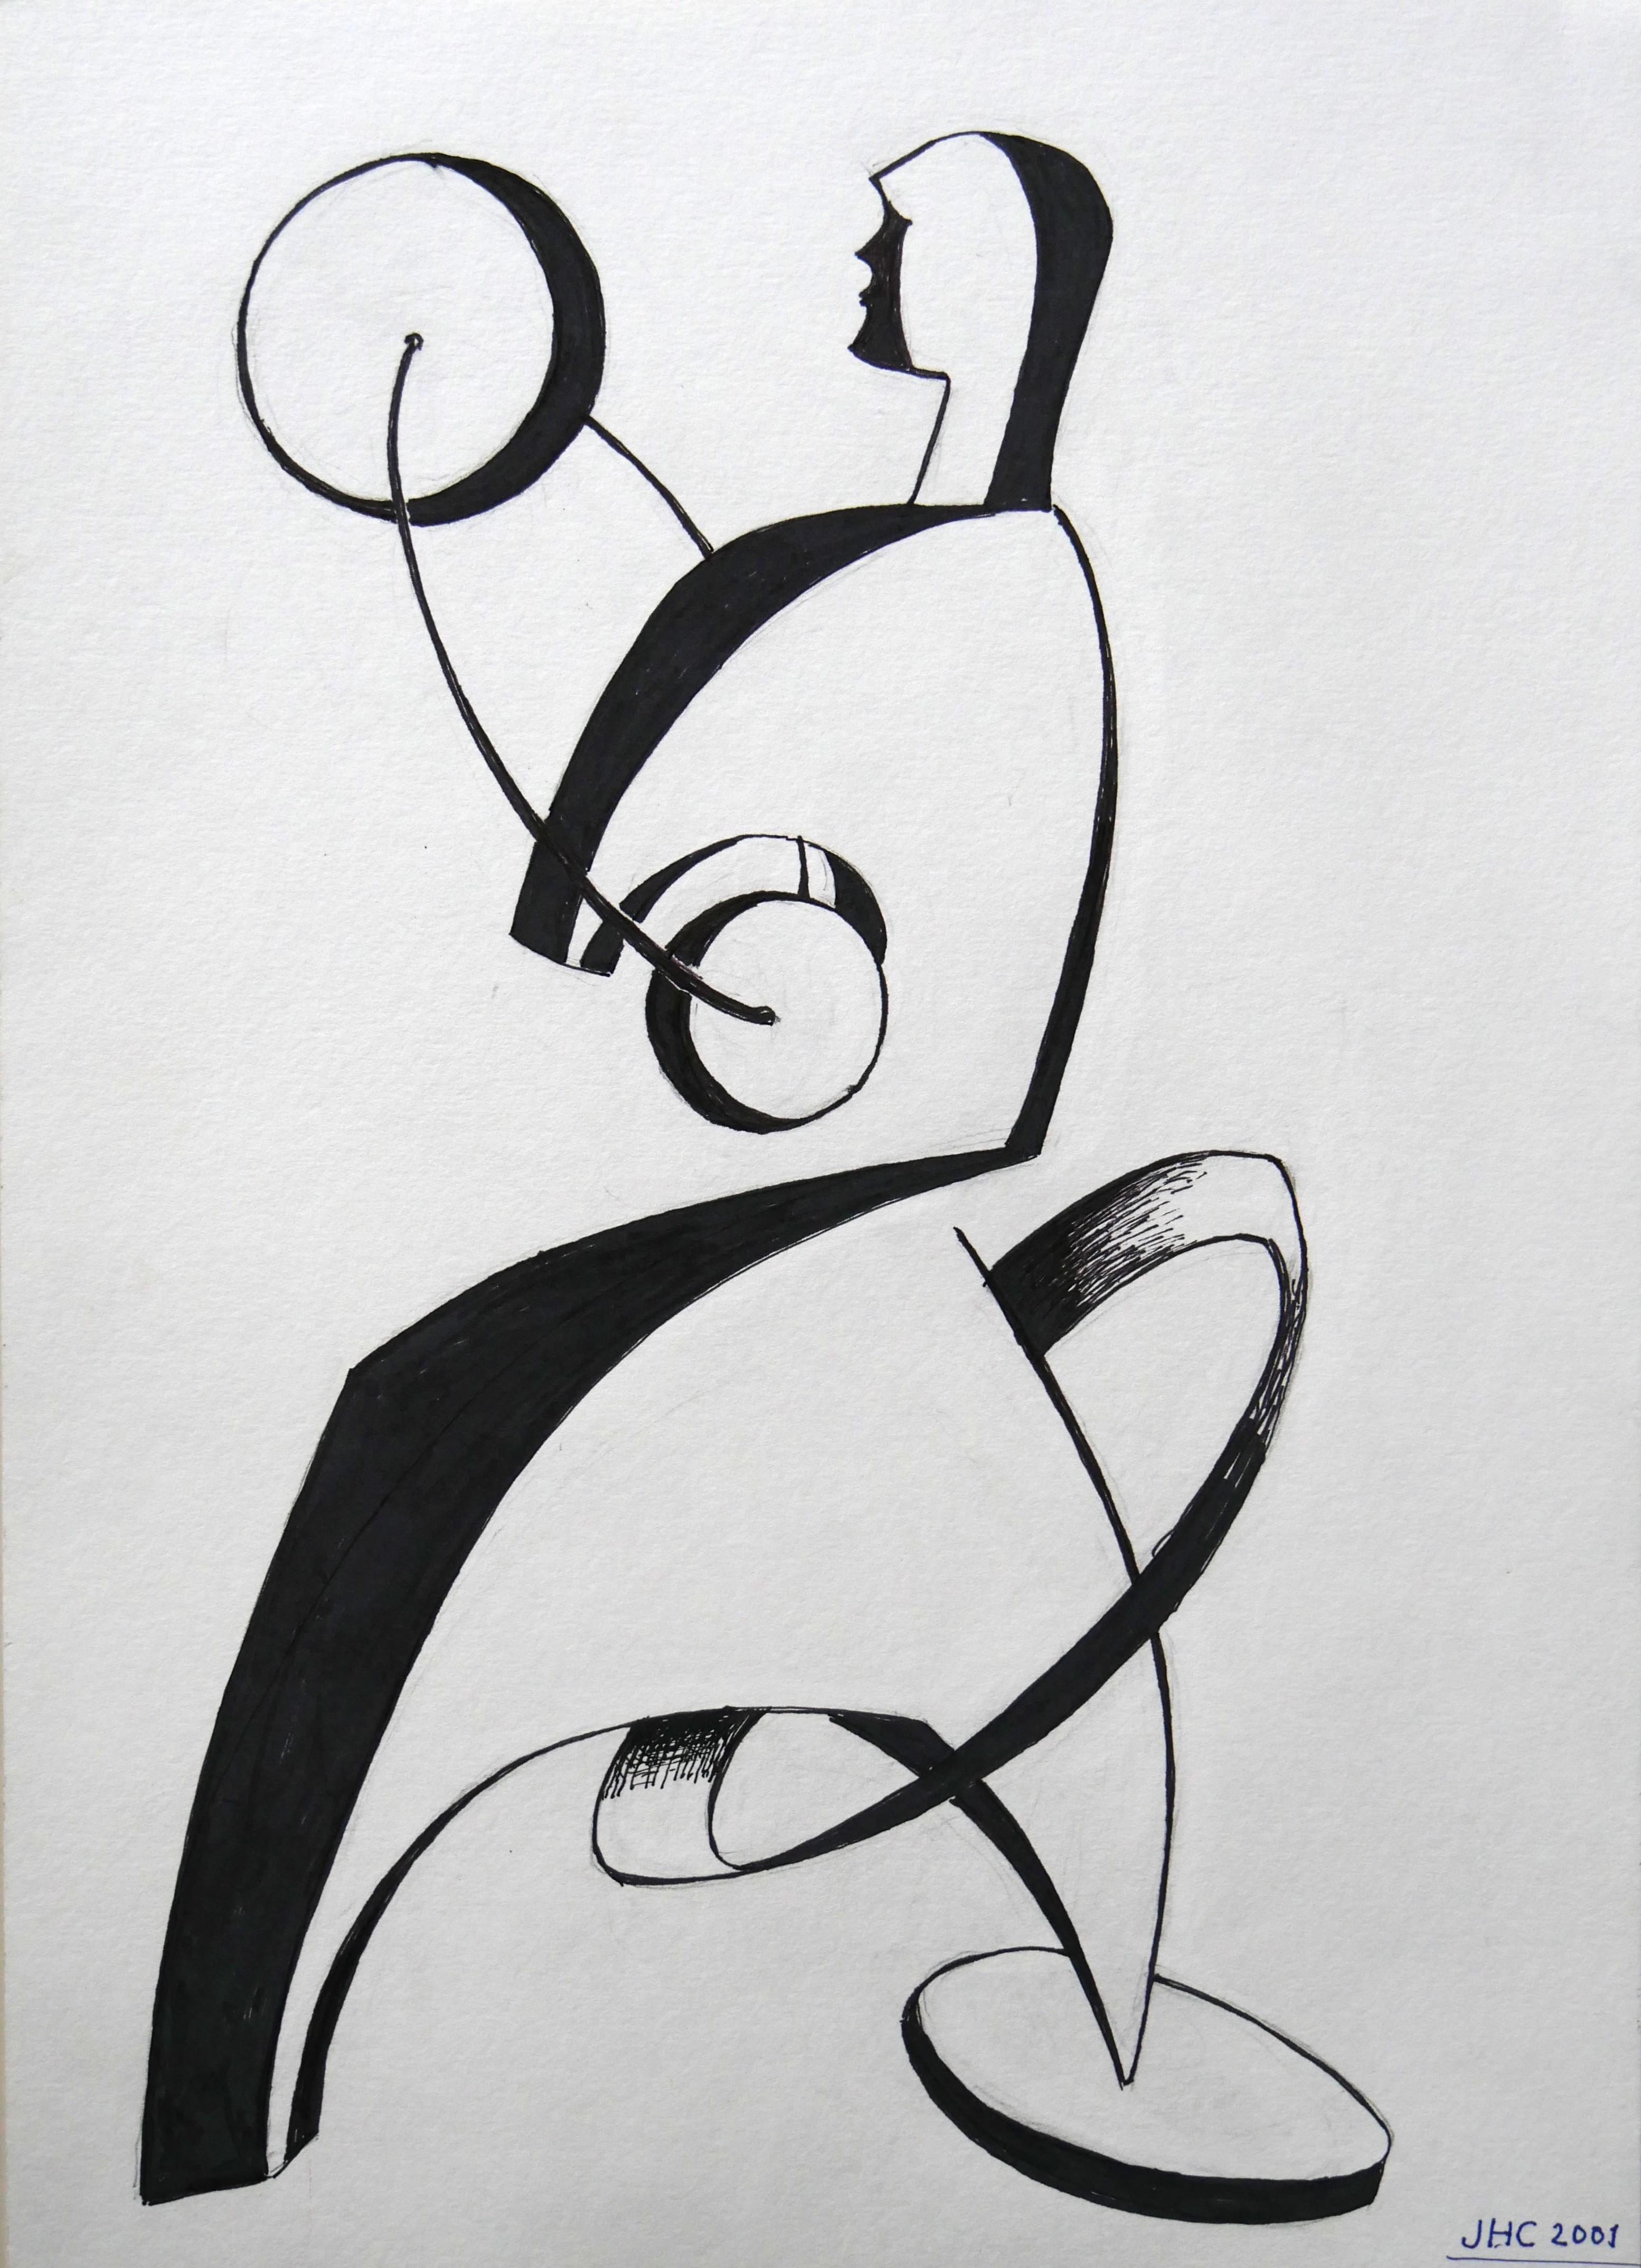 """2001.2. Mujer. 45x32 cm. Rotulador negro. Dedicado por el autor a su mujer """"Para Ana, mi mujer a la que siempre he querido mucho y ahora mucho más"""". 2001"""